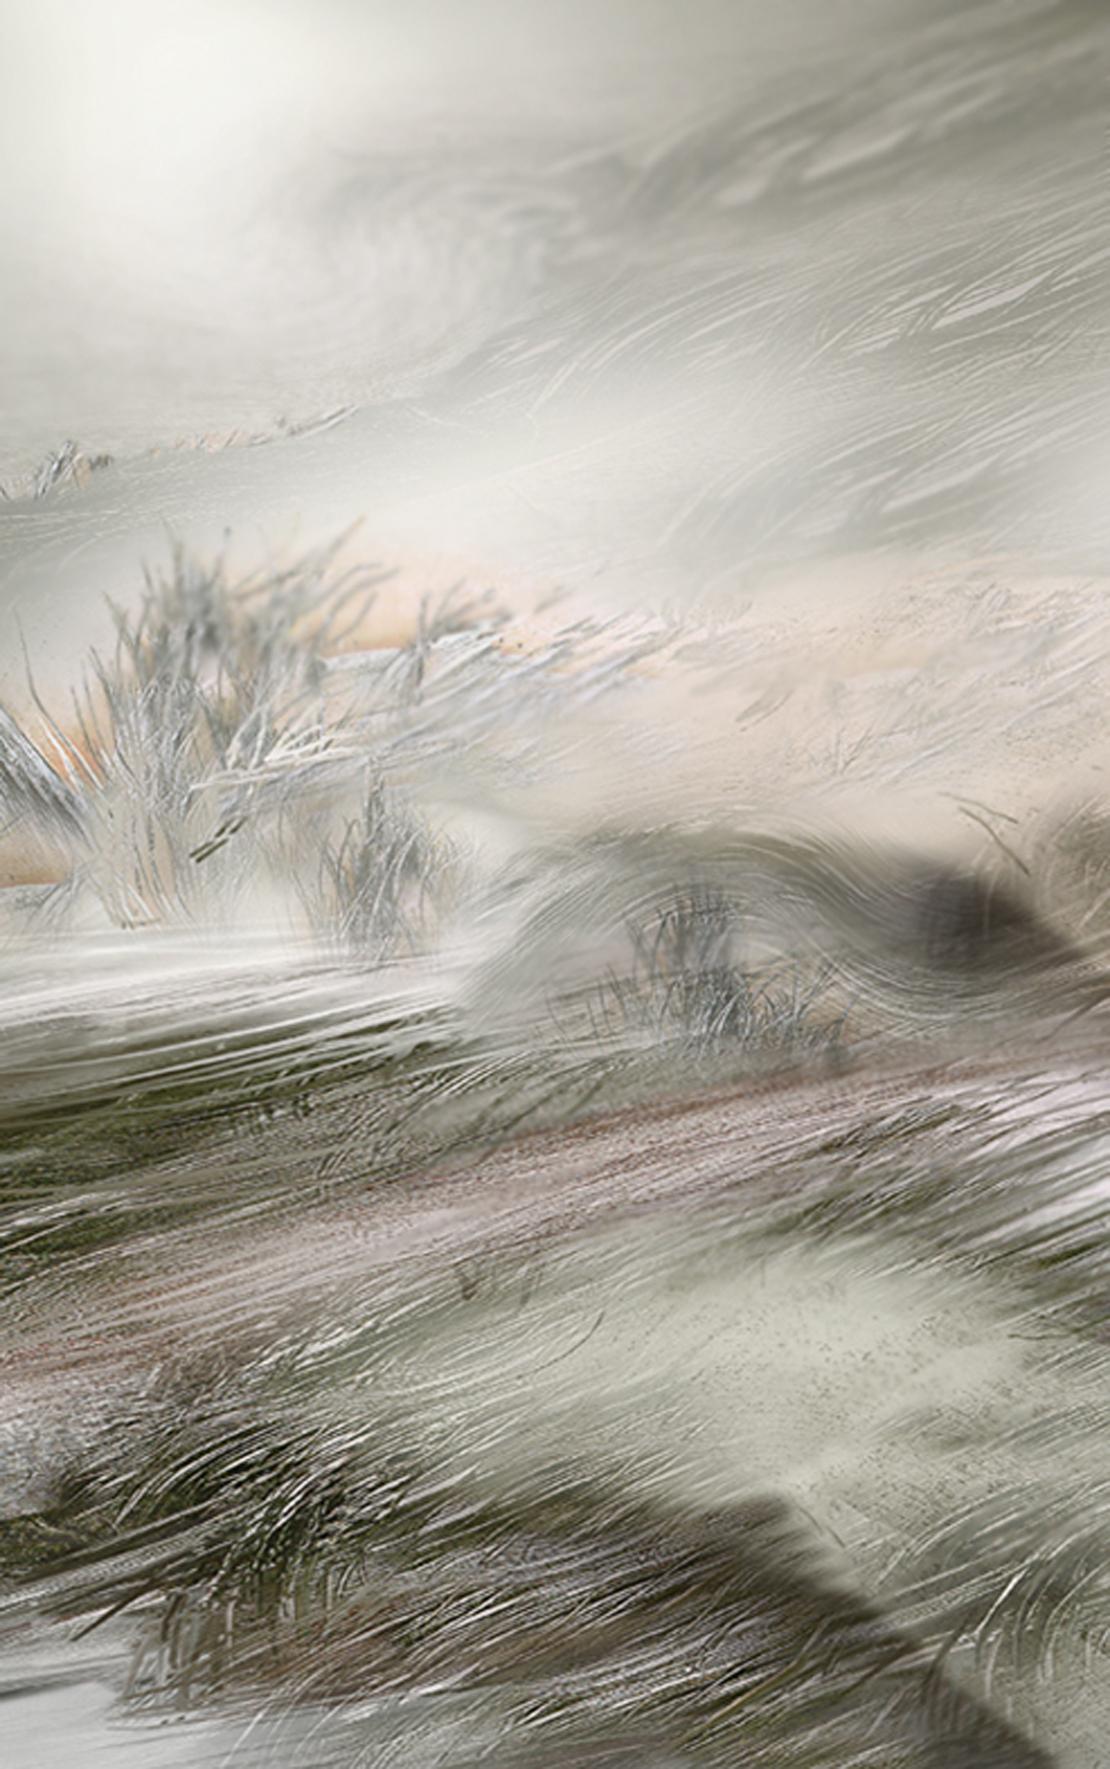 Oceany traw 1, Kołysane wiatrem, 100x70, 2000.jpg